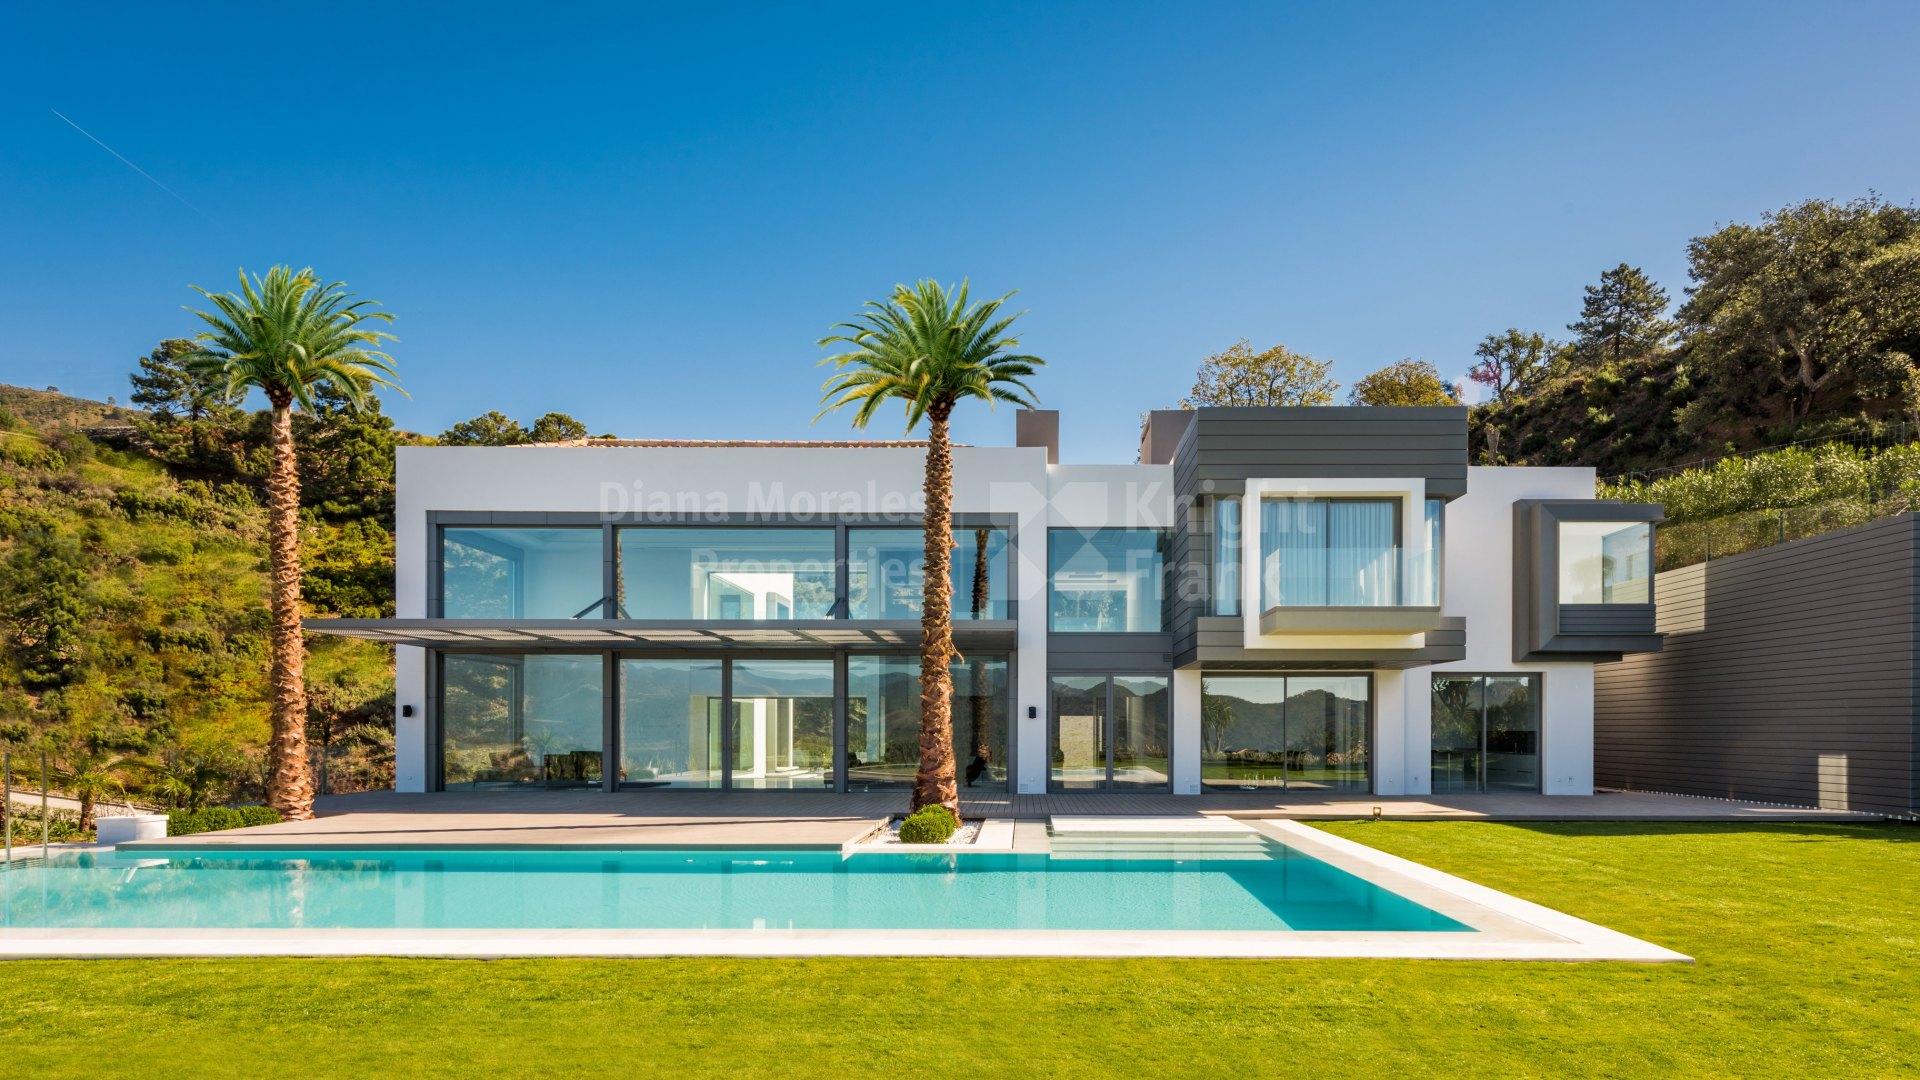 Location Villa Los Angeles